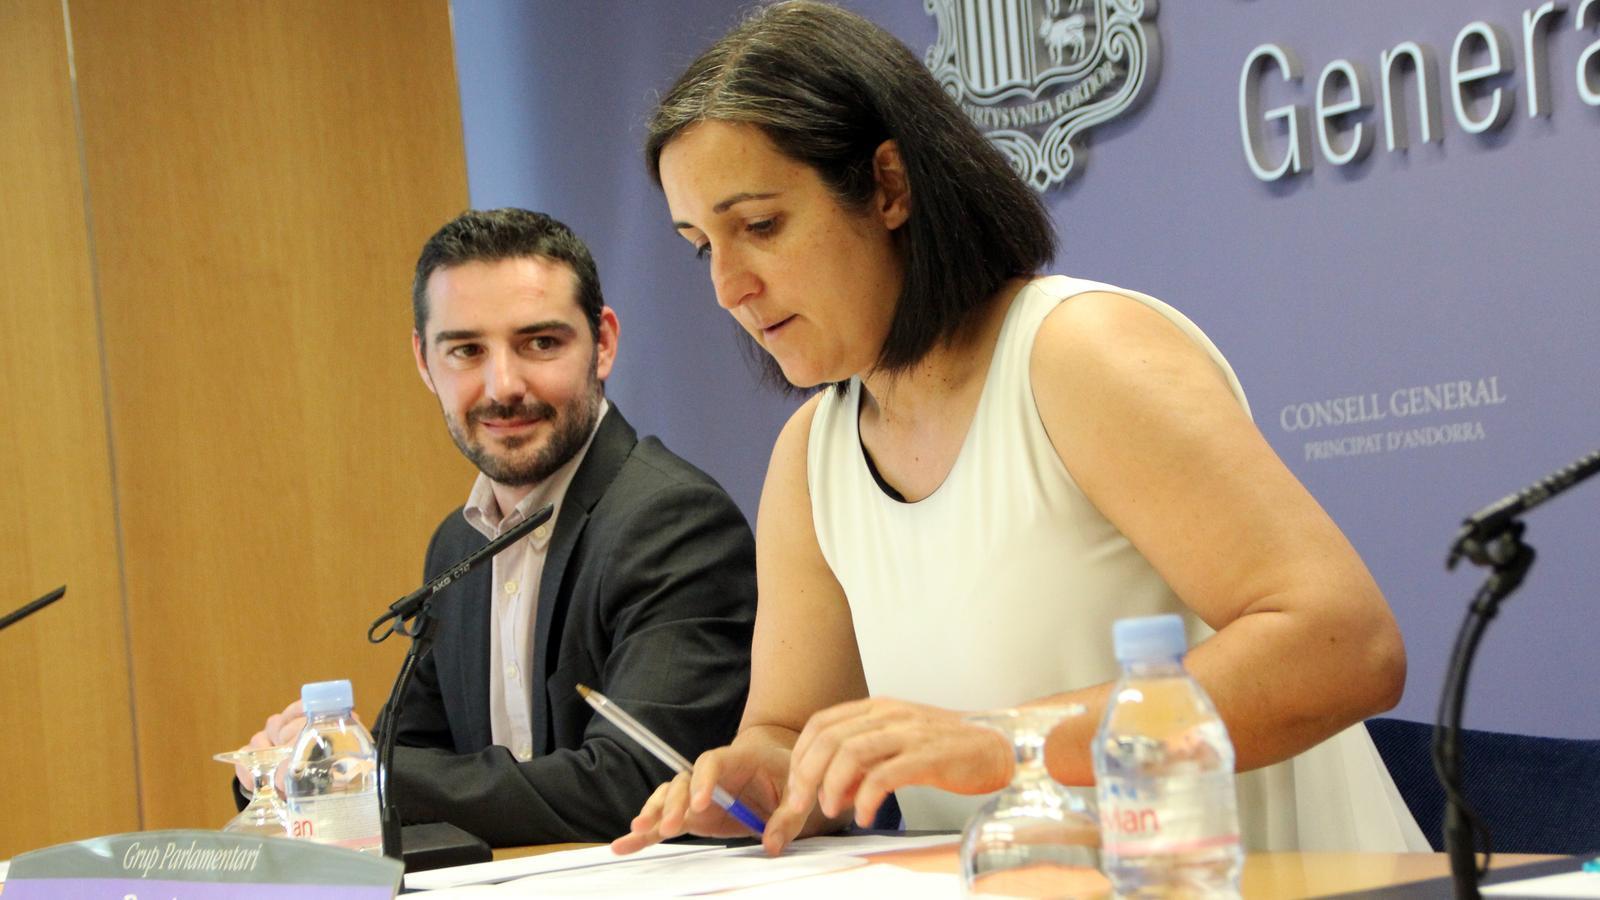 Els consellers generals Marc Ballestà i Sofia Garrallà presenten les modificacions a la Llei de partits polítics / C.G.